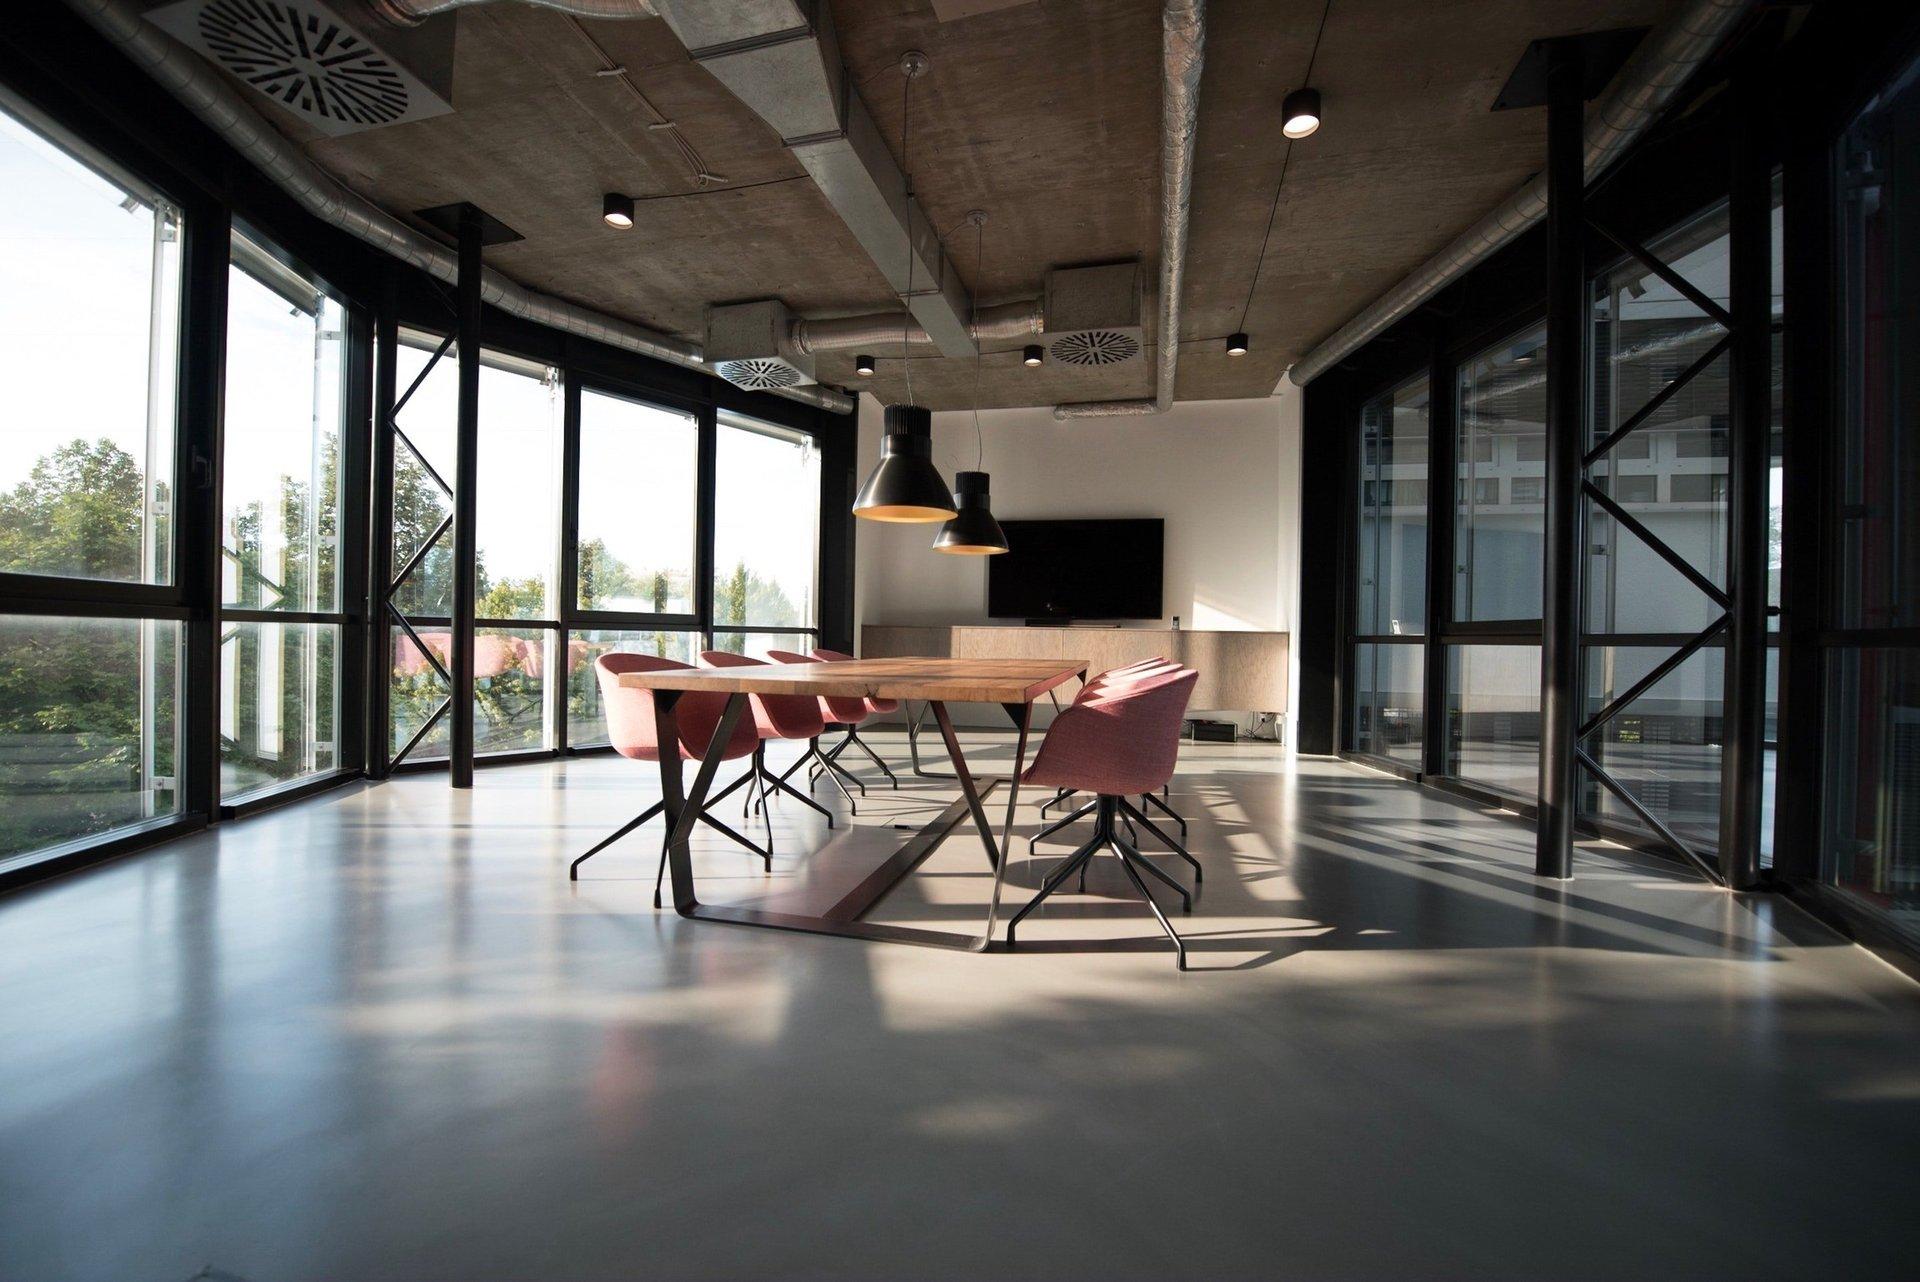 Grande ufficio con tavolo da riunione e sedie